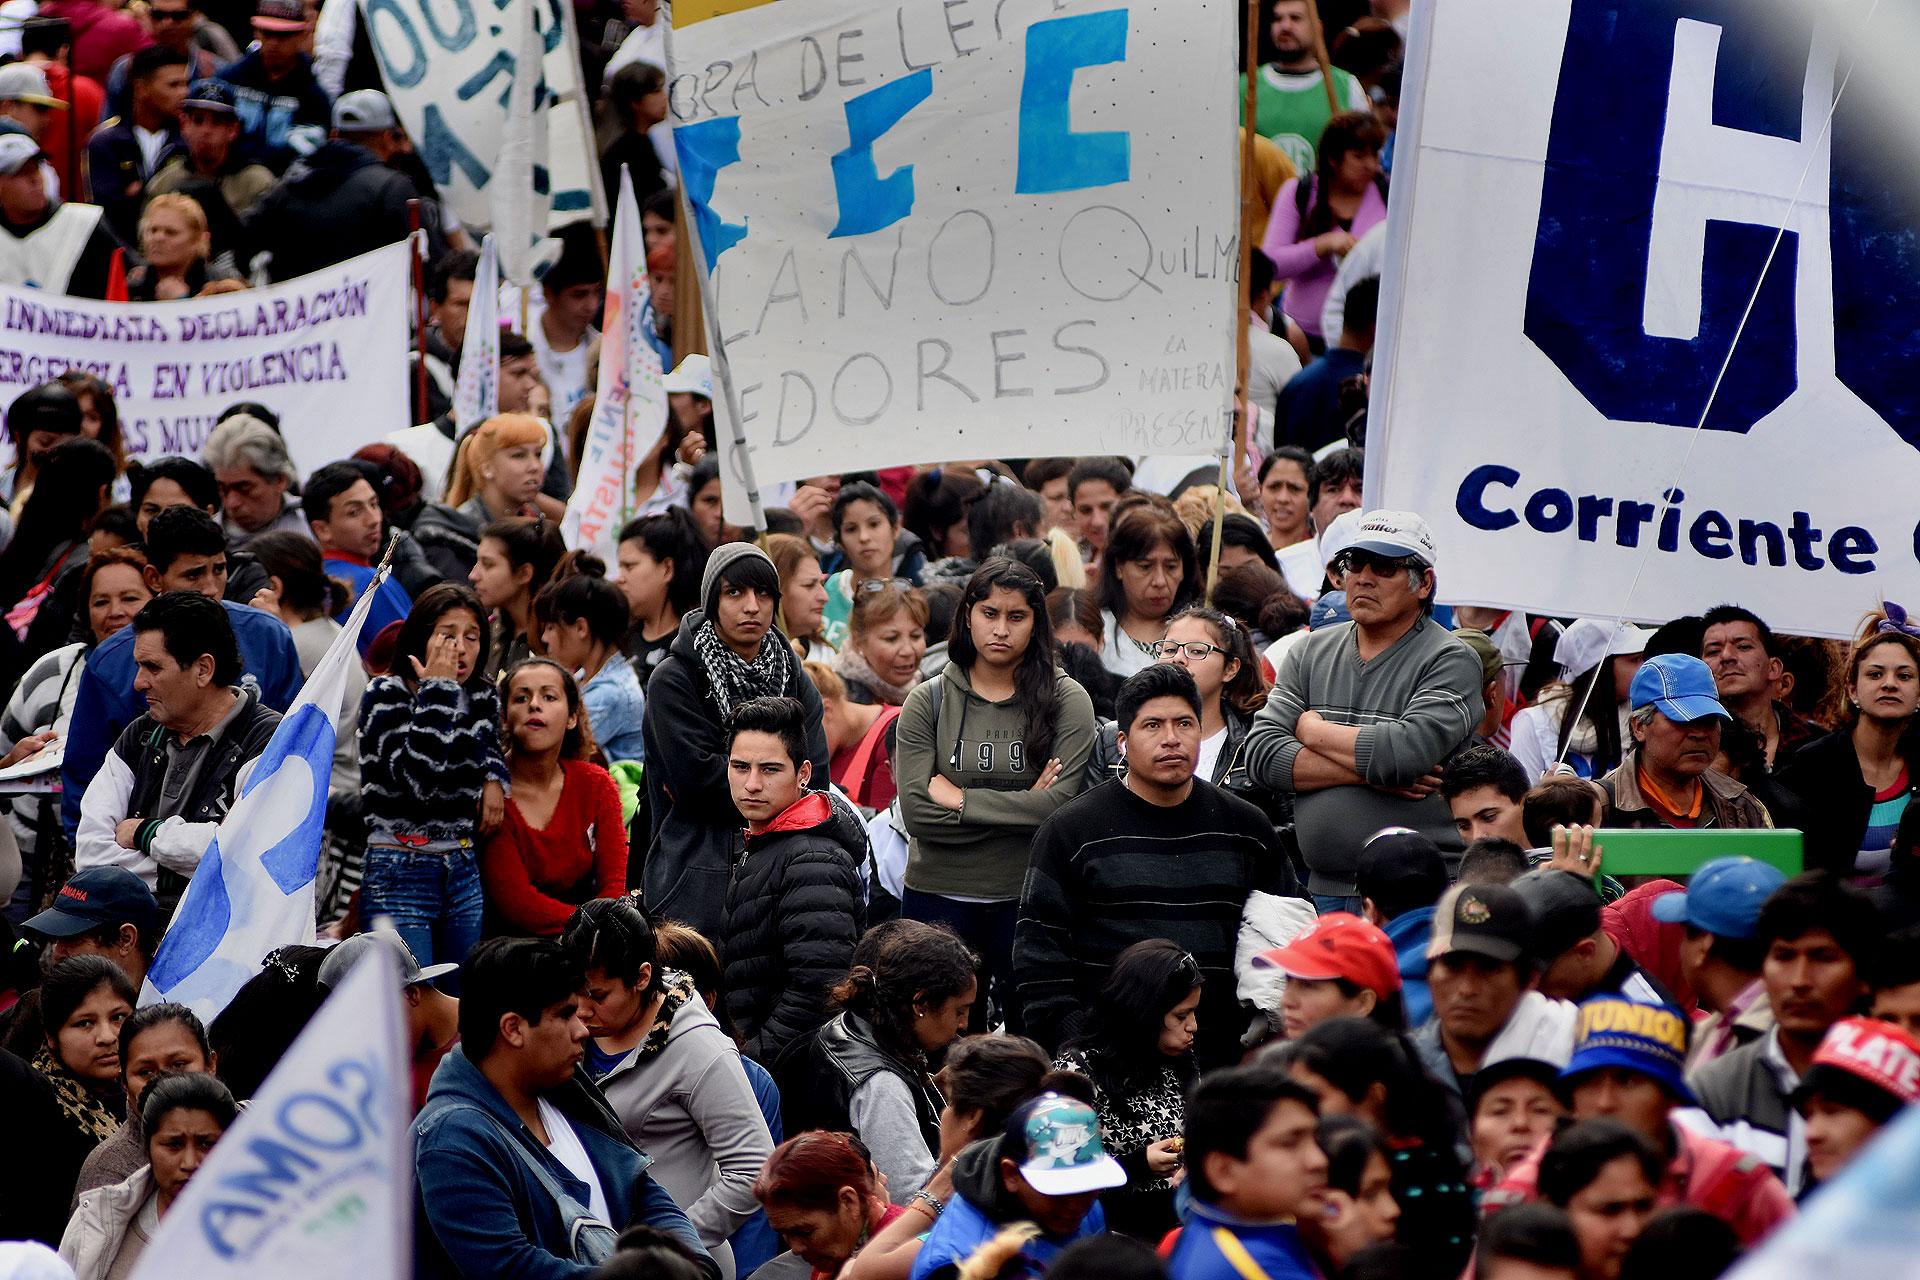 El titular de la CCC, Juan Carlos Alderete; y Esteban Castro, representante de la Ctep. también estuvieron presentes